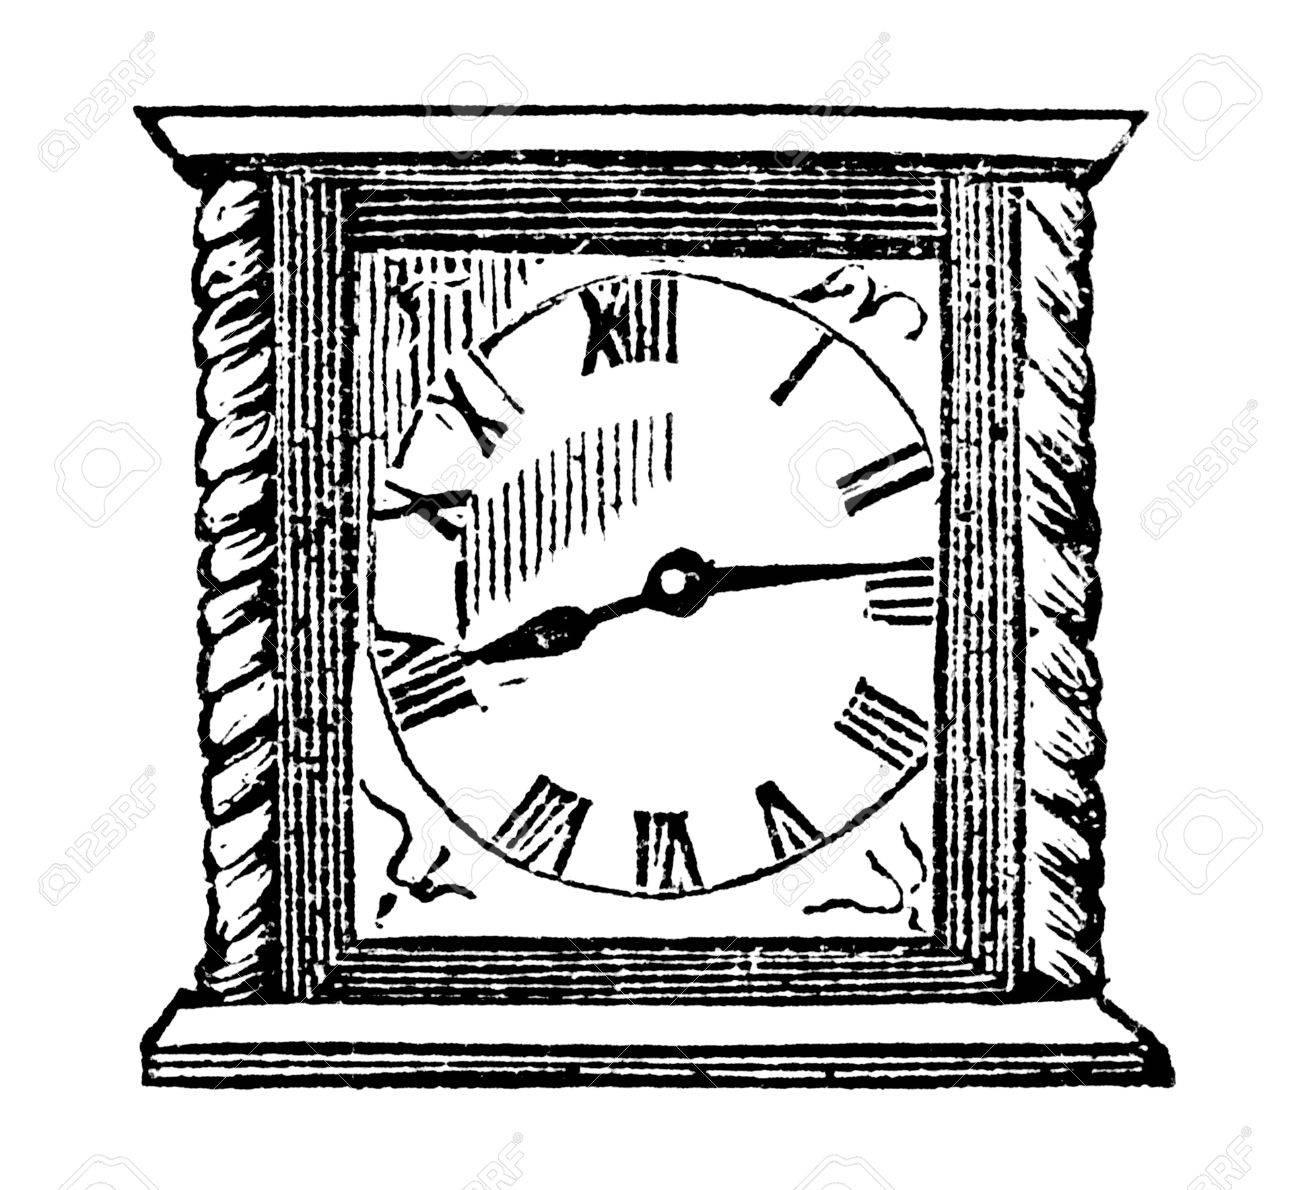 1300x1190n Engraved Vintage Illustration Image Of Clock,